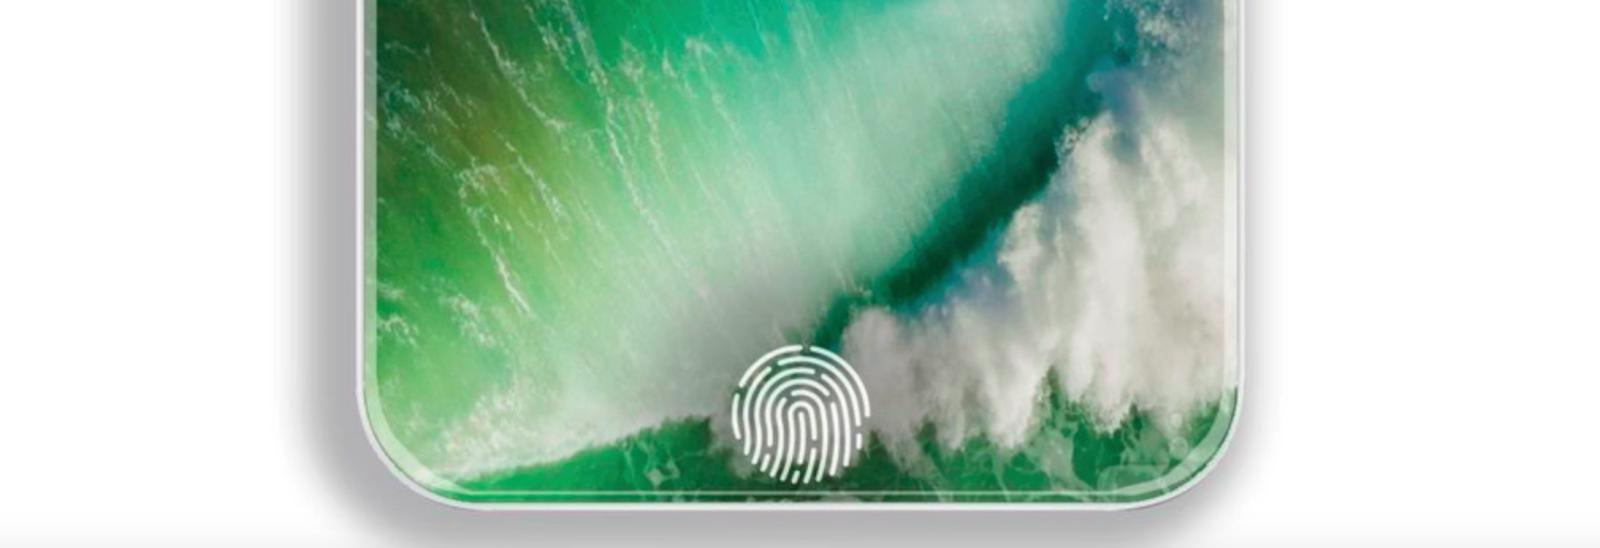 Kết quả hình ảnh cho Touch ID của iPhone 8